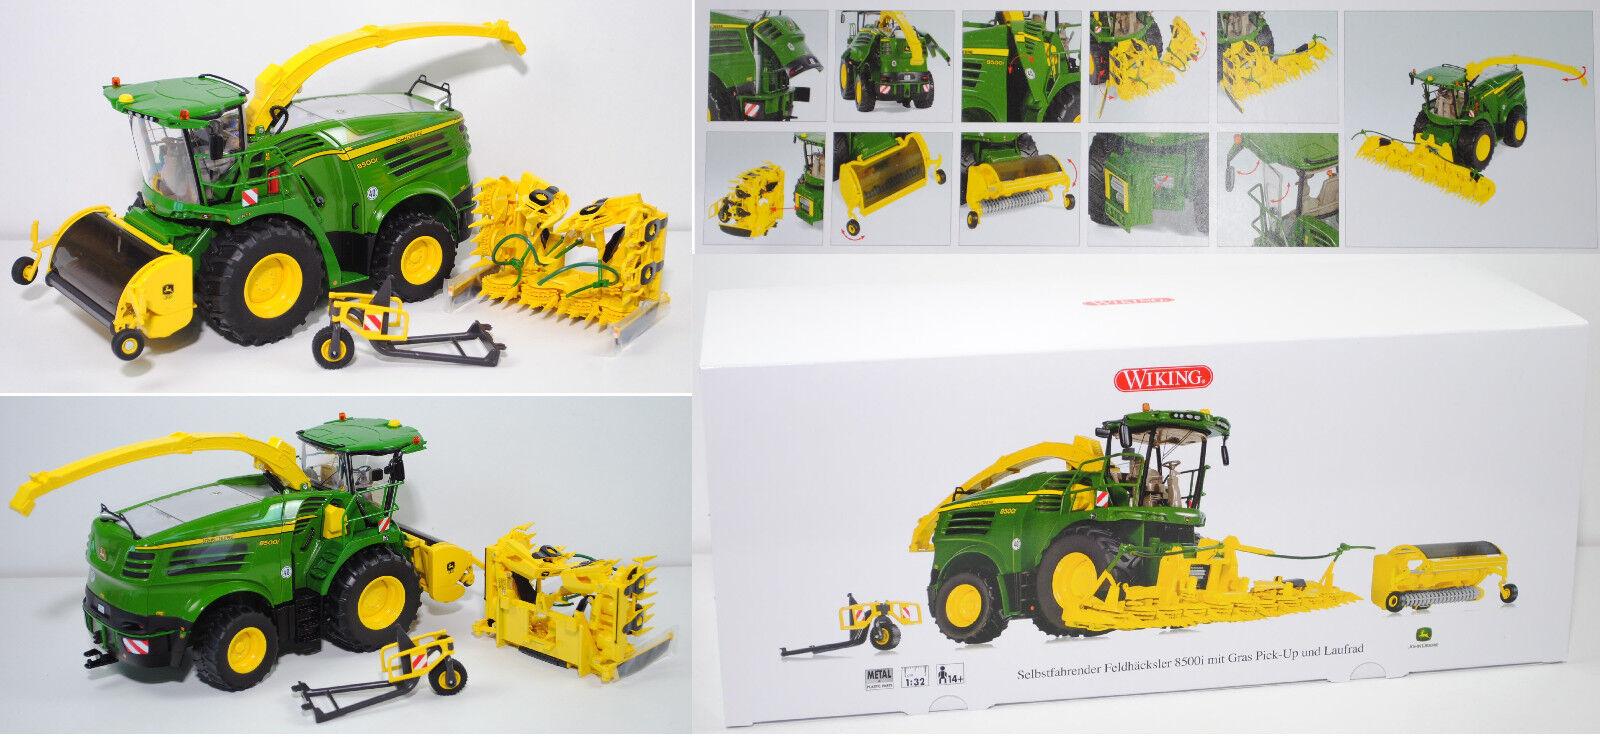 Wiking 077832 John Deere 8500i cosechadora con Kemper Kemper Kemper maisgebiss y pick-up, 1 3657a9